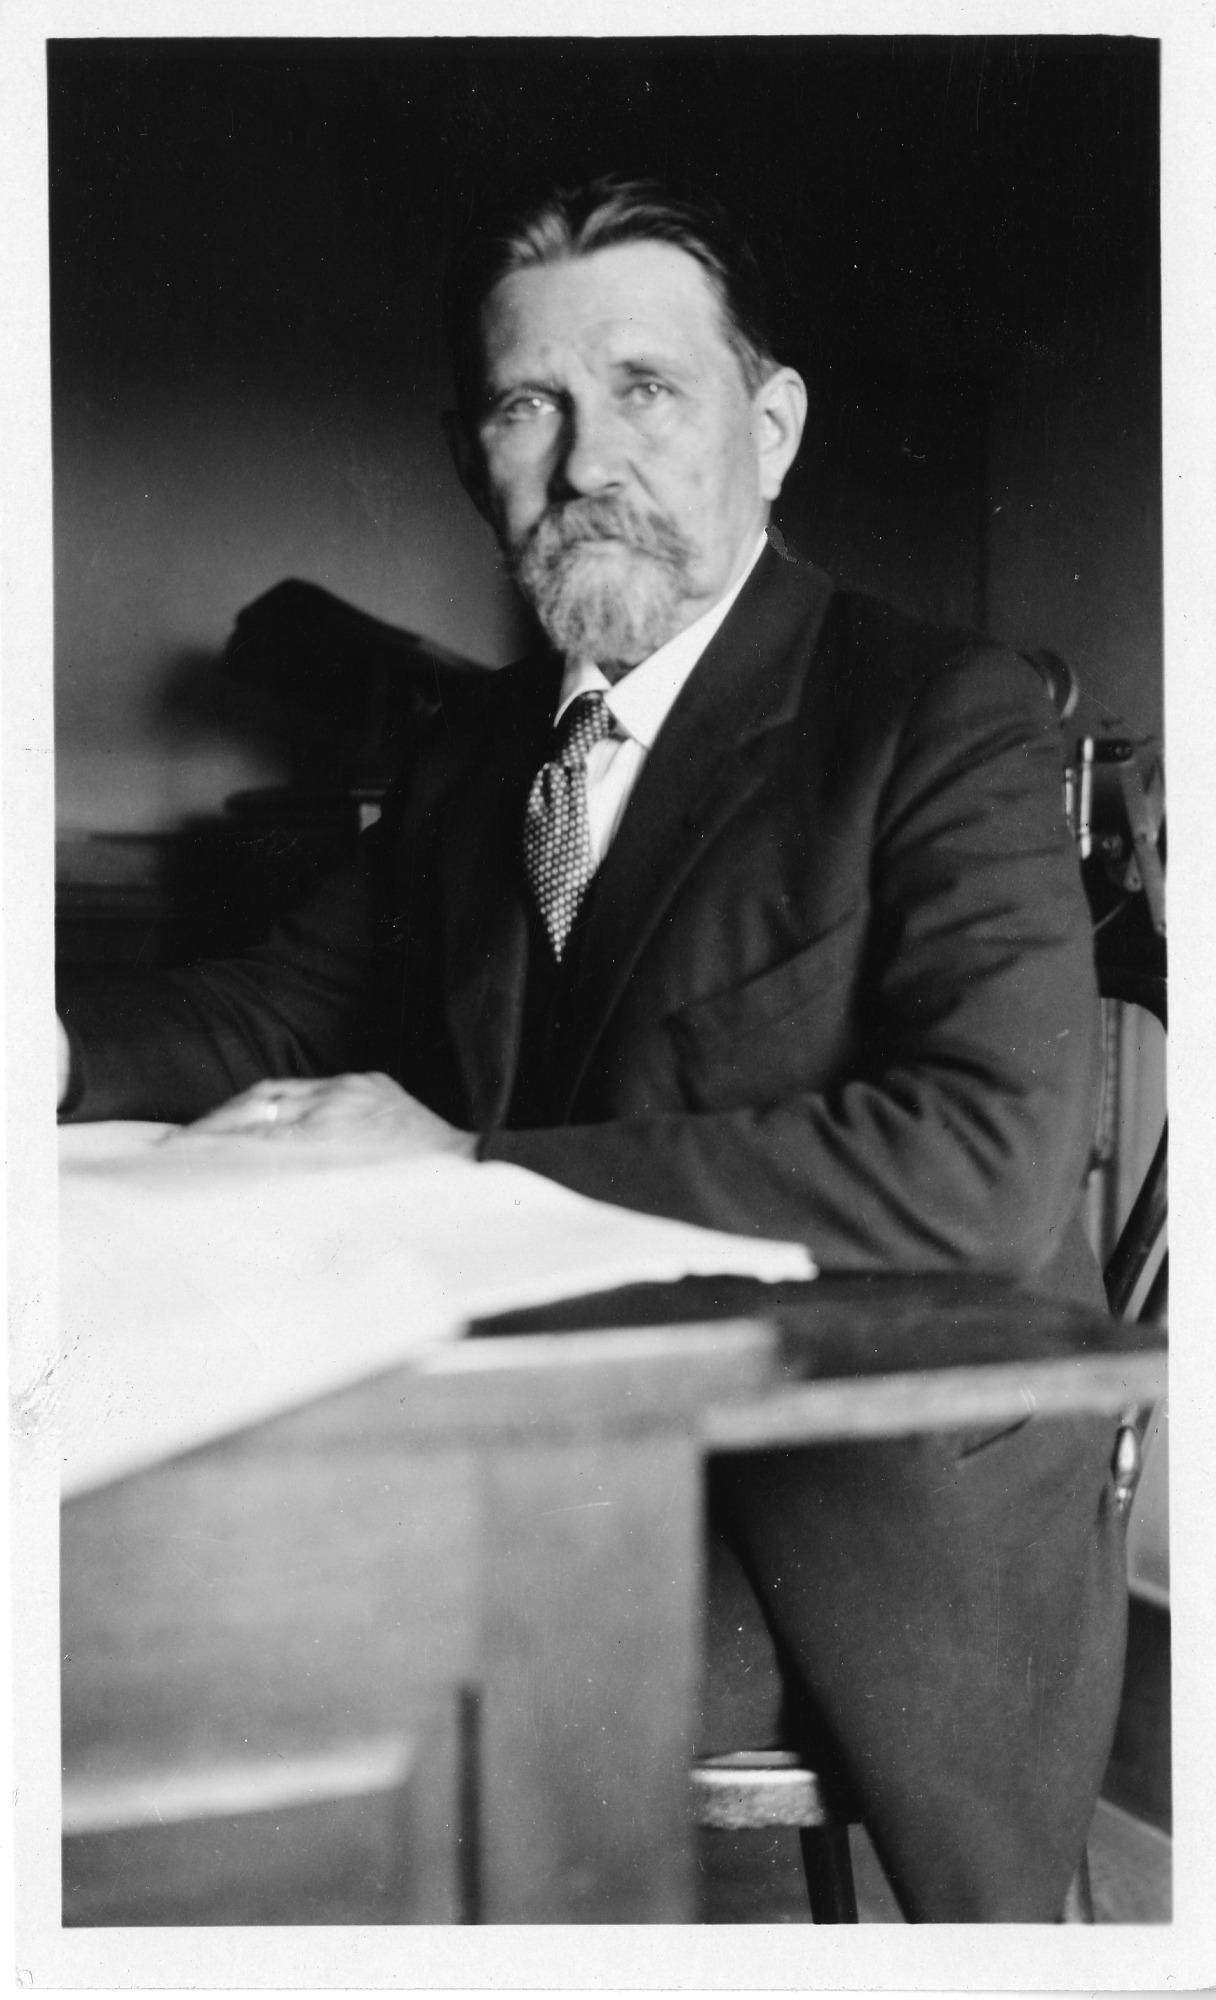 Nikolai Andreevich Borodin (1861-1937)